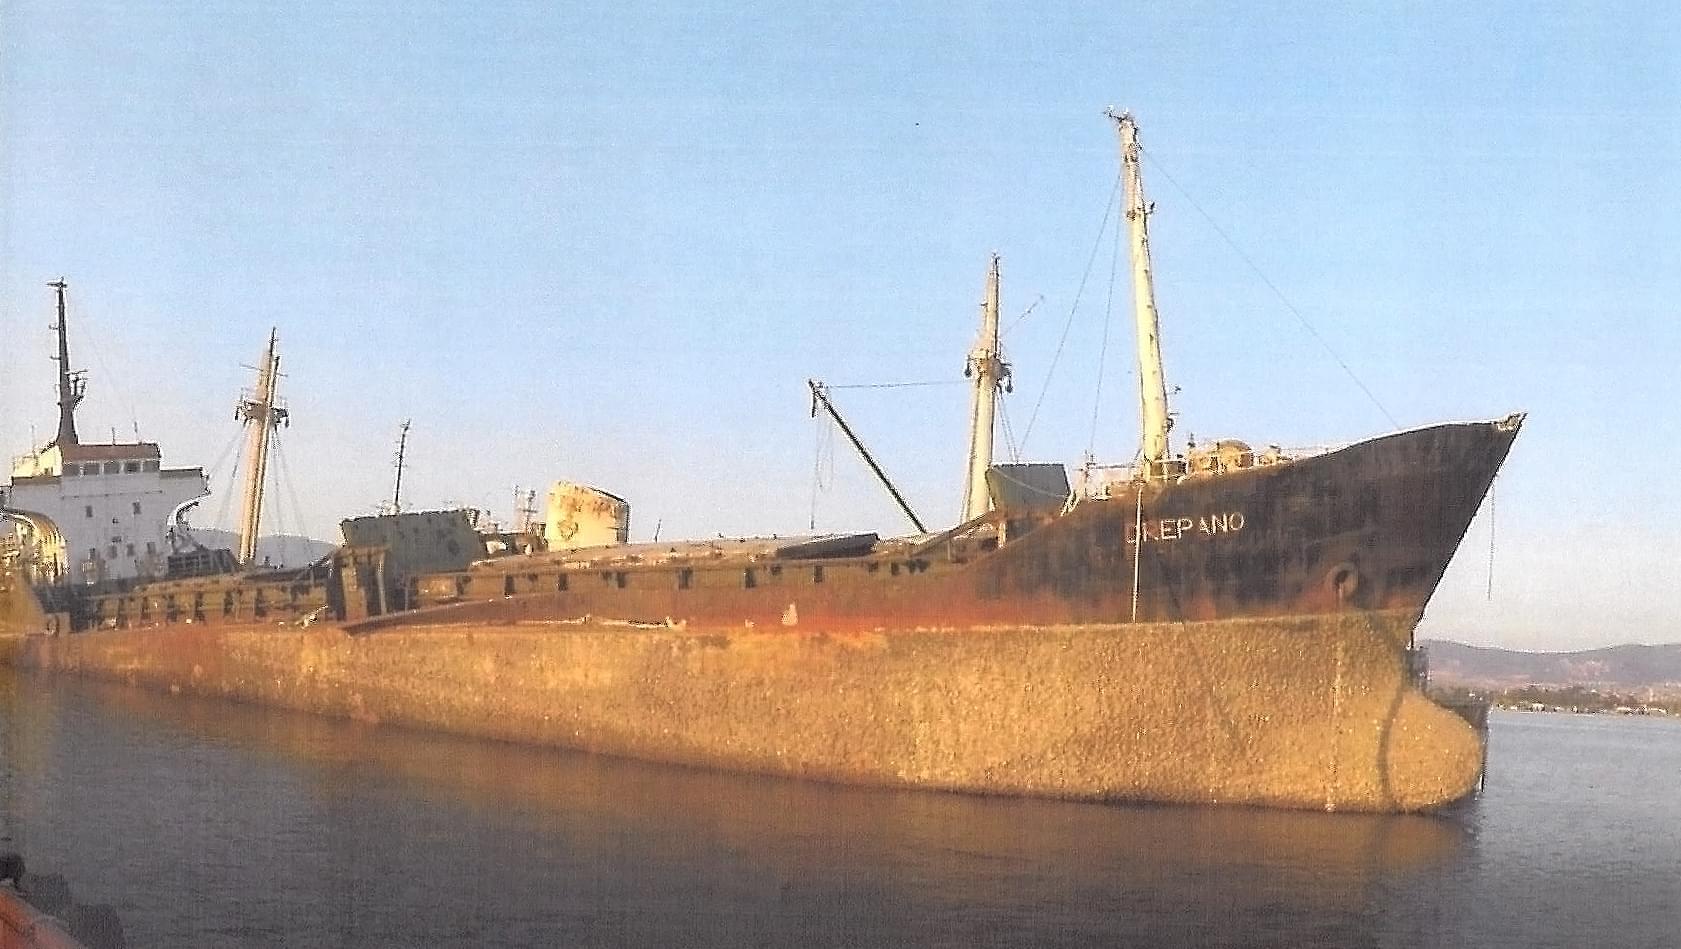 φορτηγού πλοίου Δρέπανο